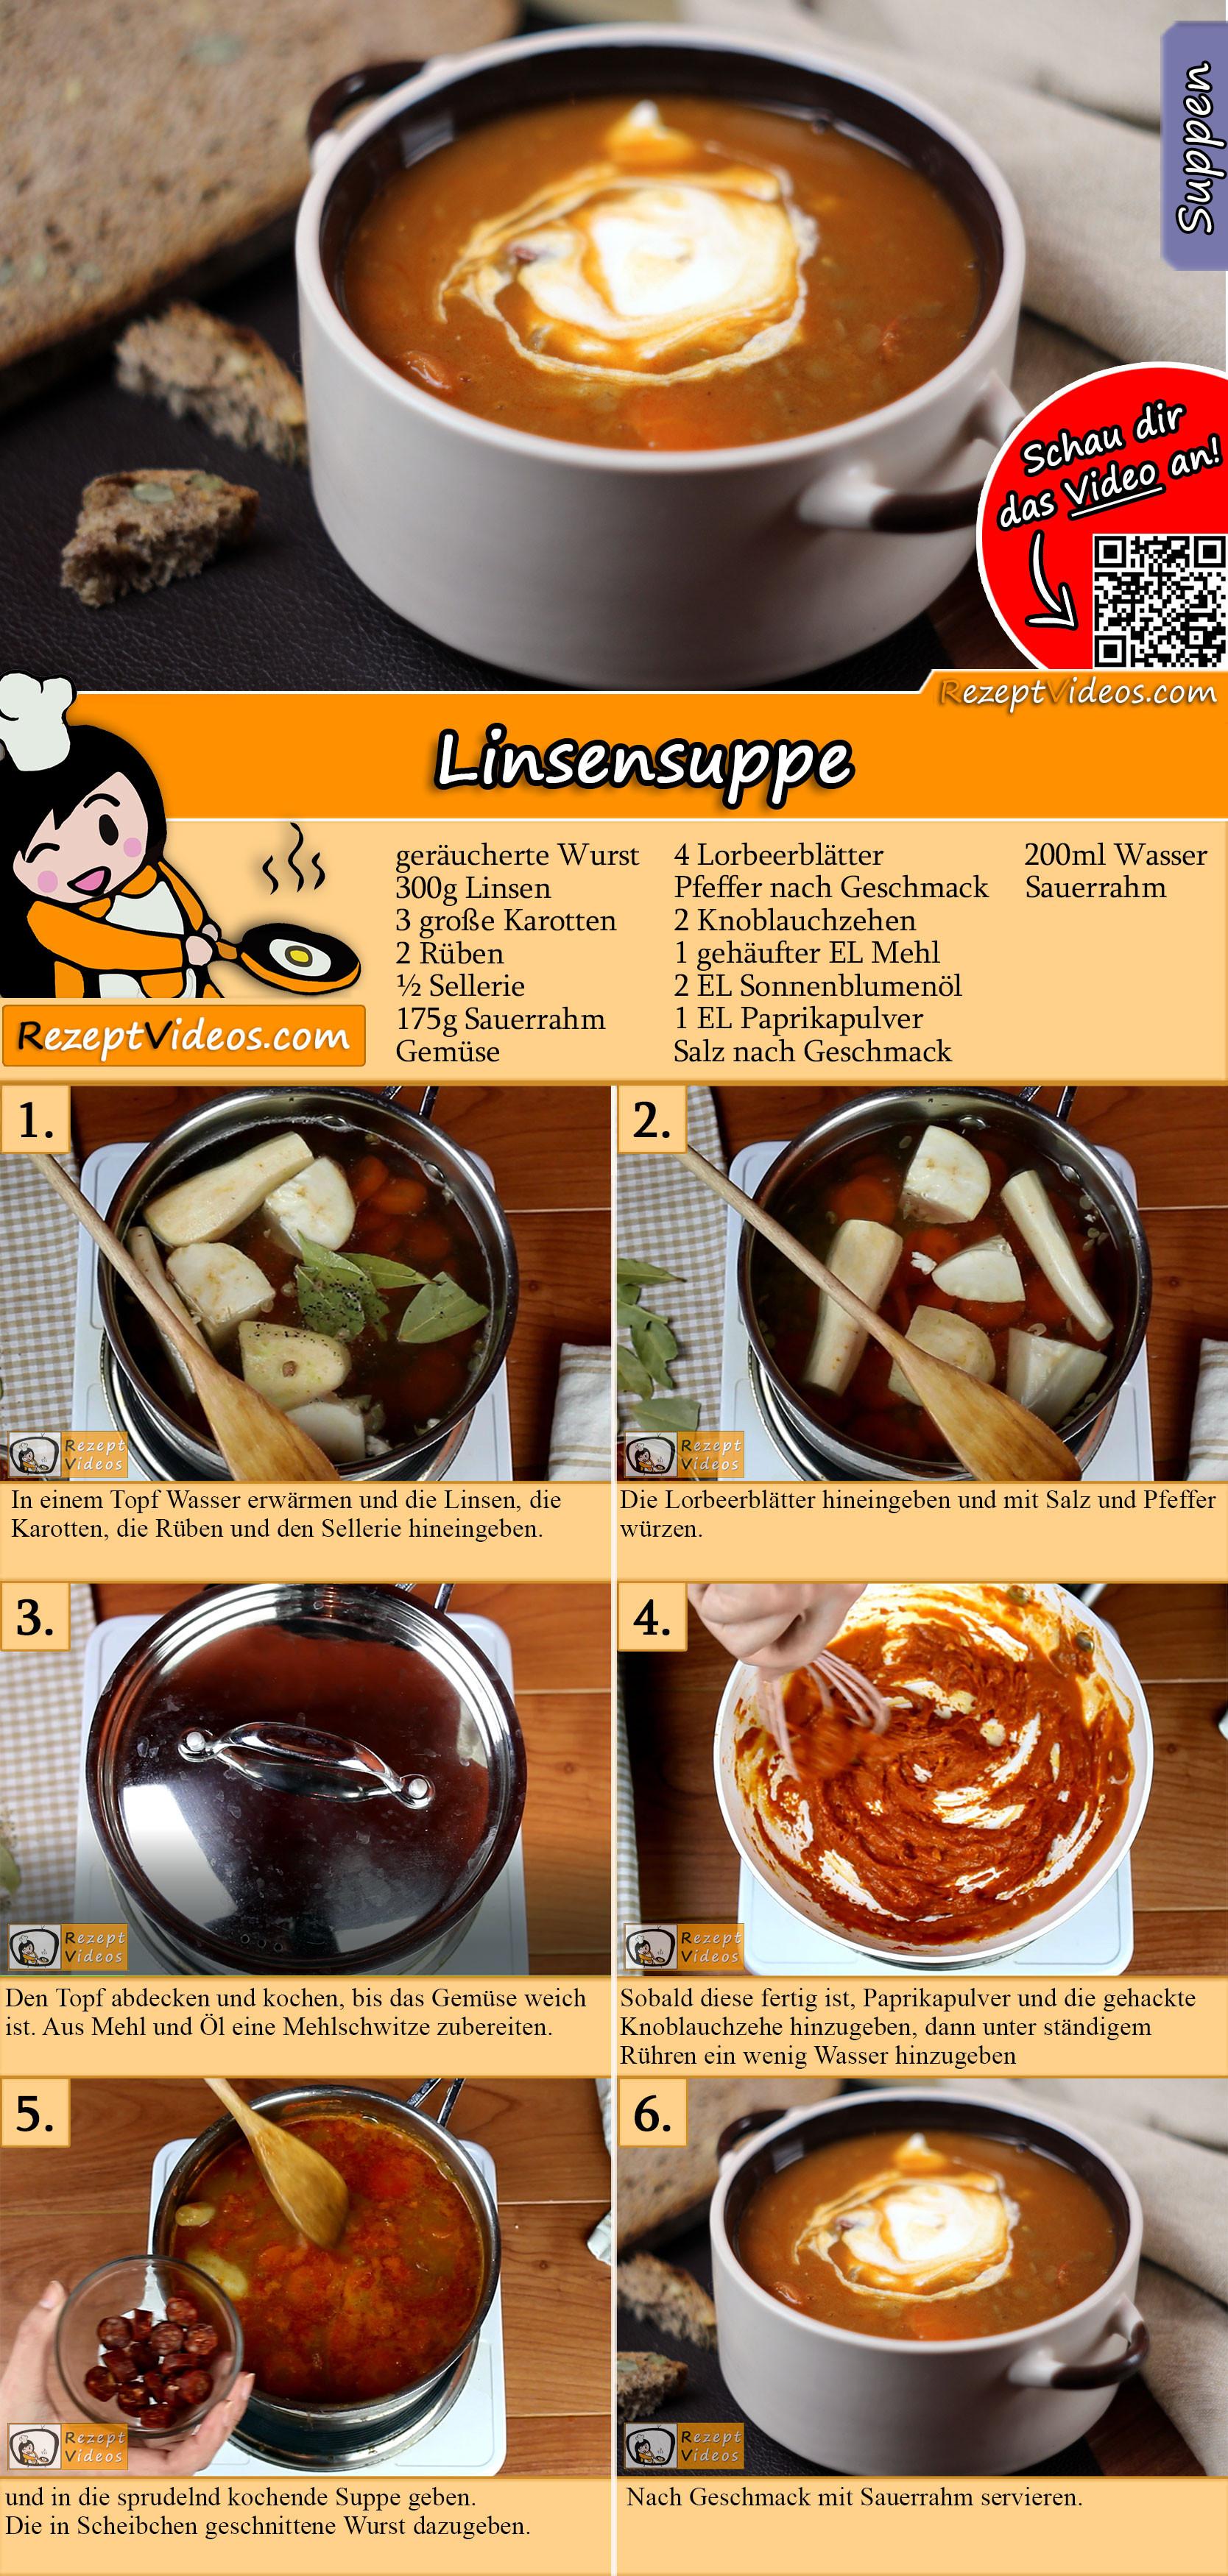 Linsensuppe Rezept mit Video